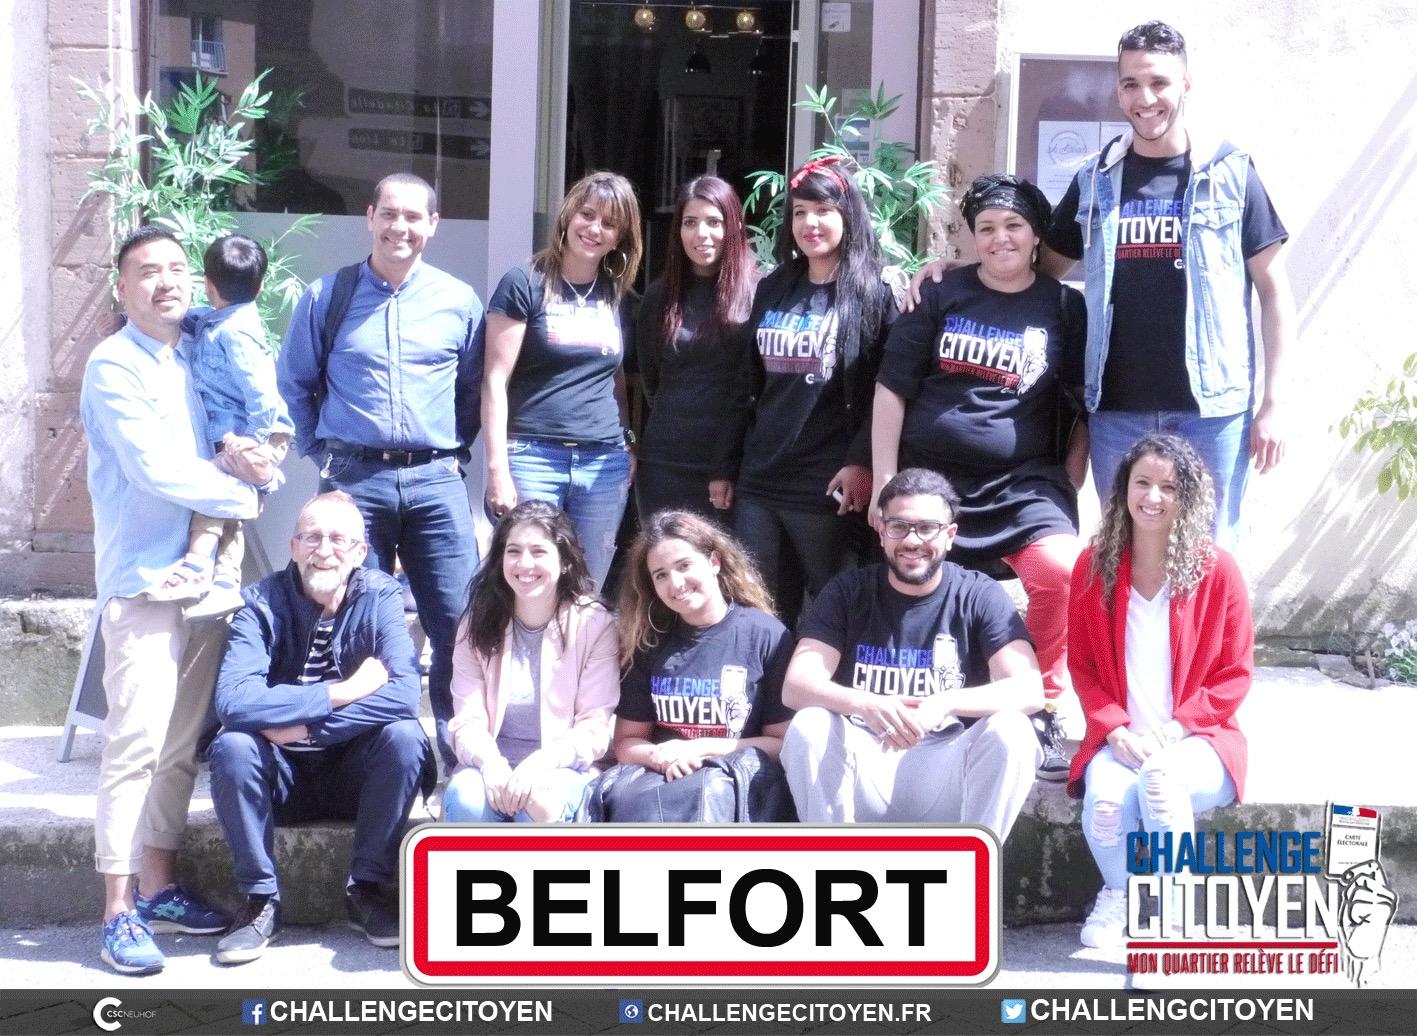 Rencontre avec l'association Jeunesse du monde à Belfort (90)